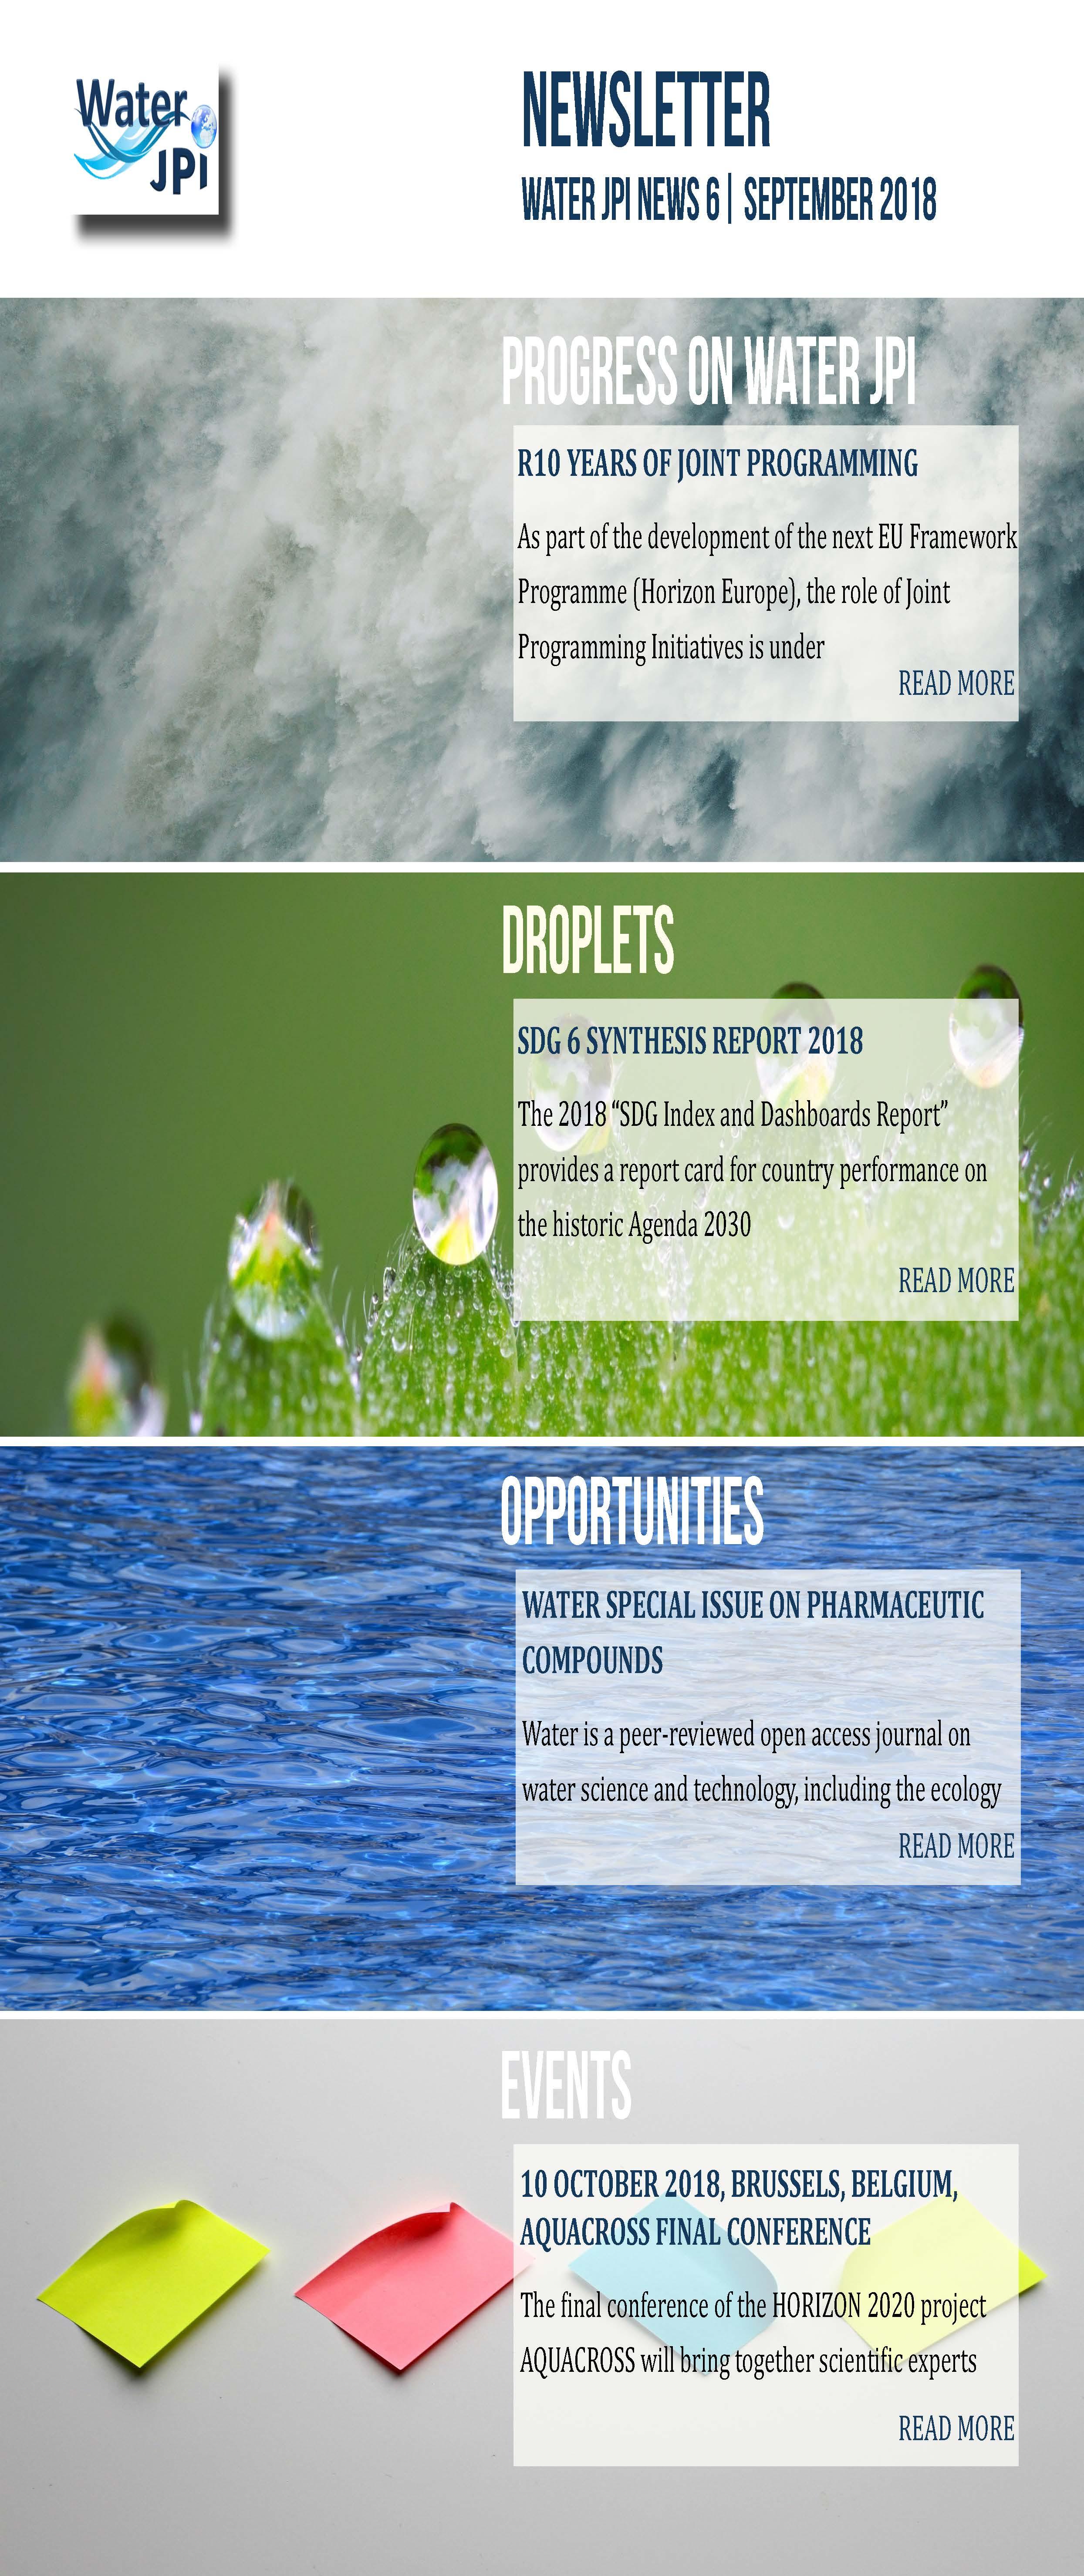 WaterJPI_Newsletter_2018_06.jpg